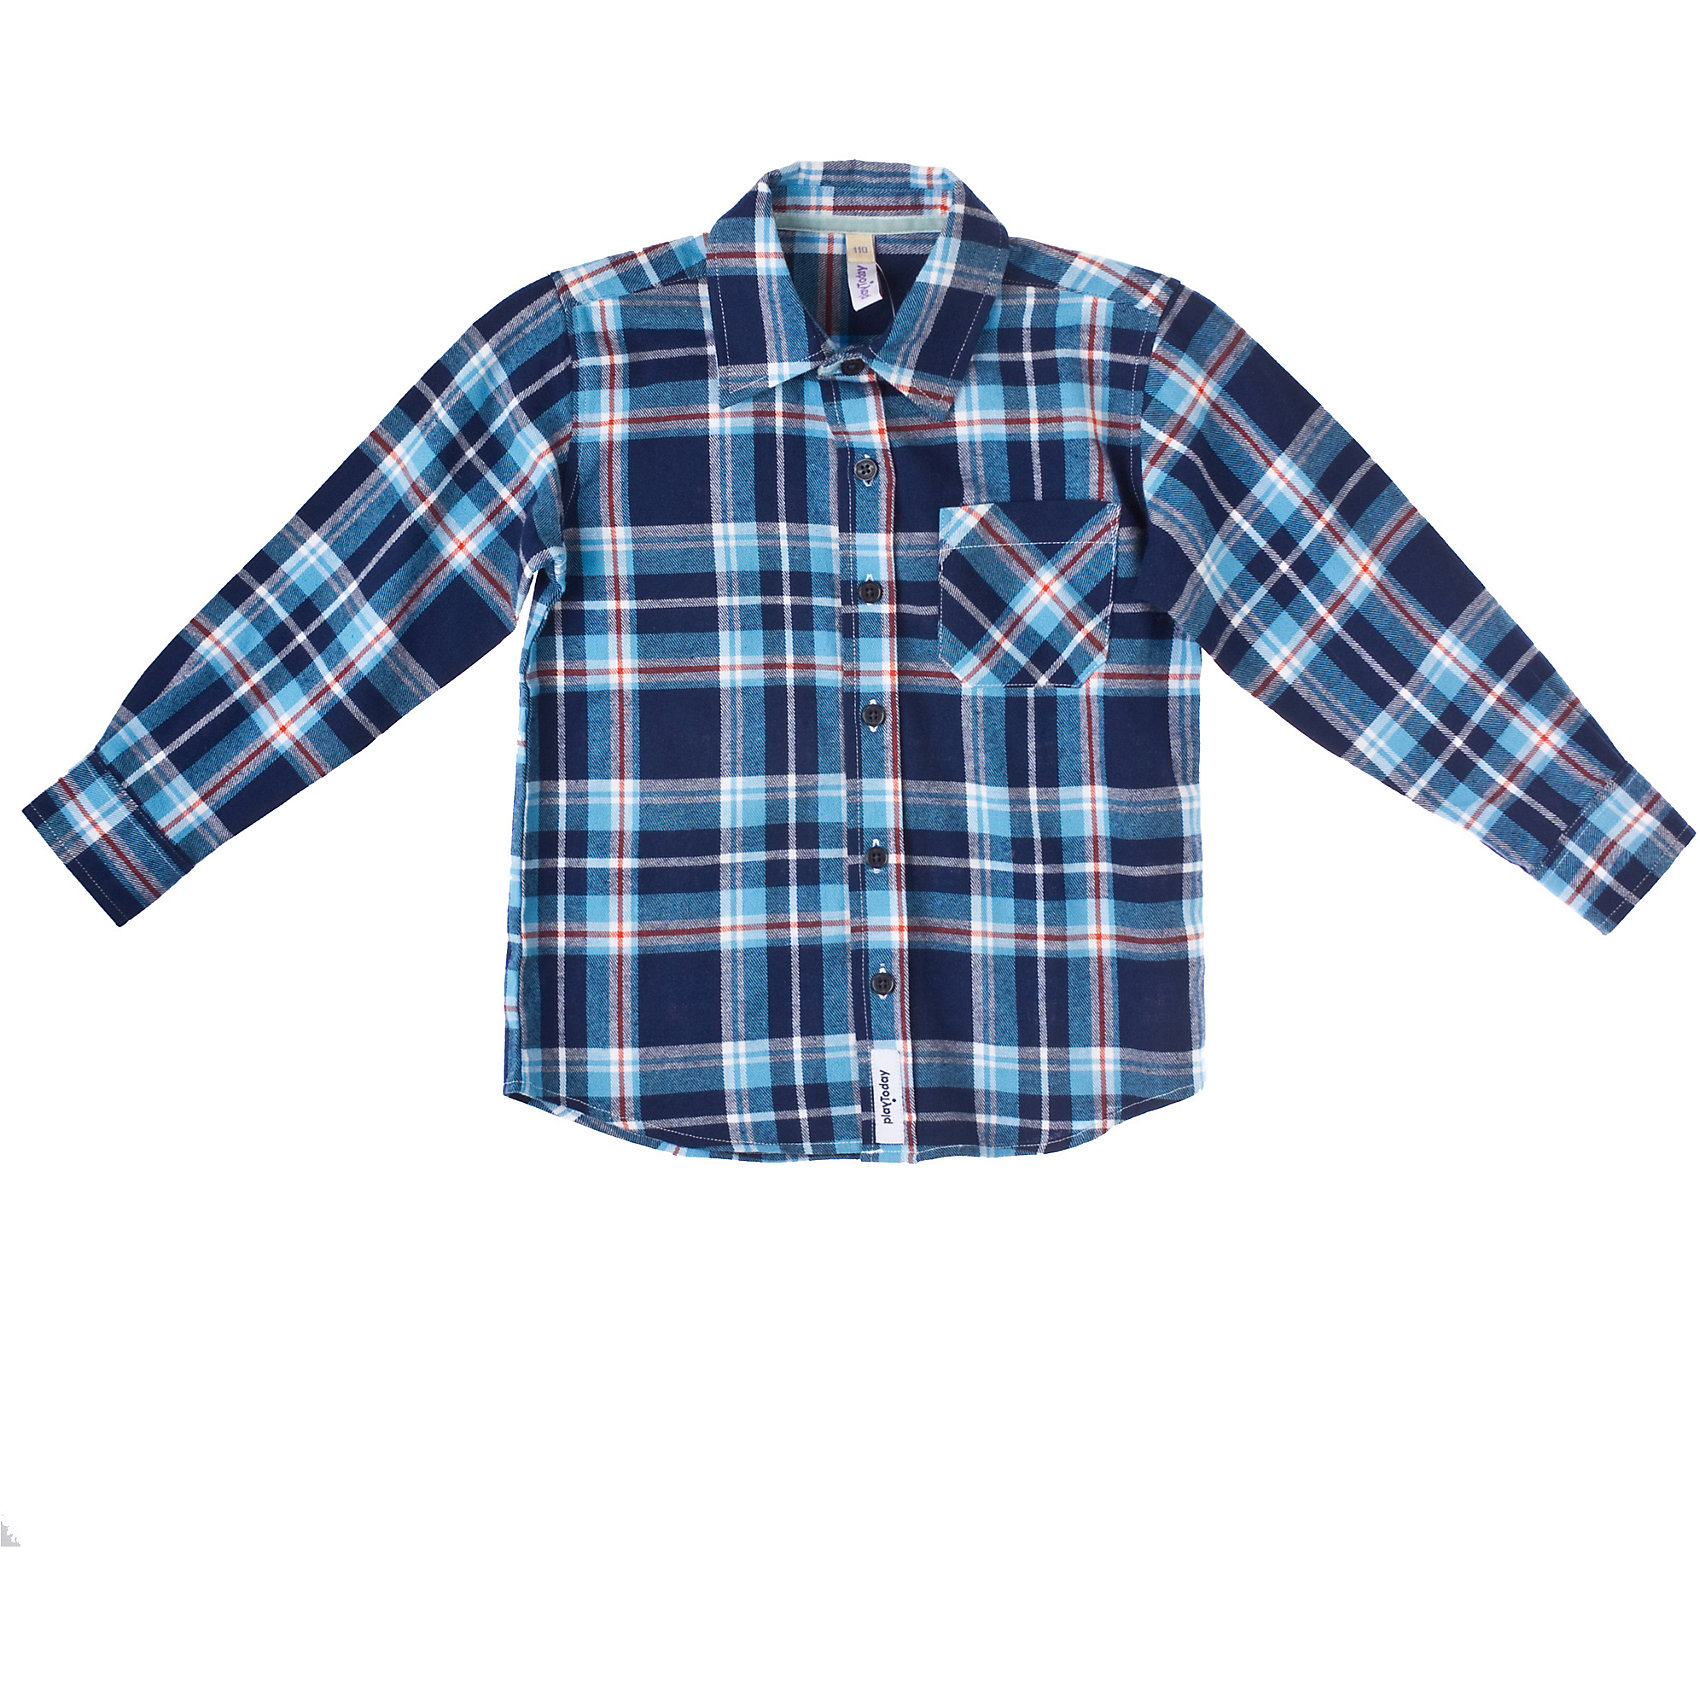 Рубашка для мальчика PlayTodayСорочка для мальчика PlayToday Классическая байковая рубашка в клетку на пуговицах. Отложной воротничок, манжеты на пуговицах. На полочке - функциональный накладной карман. Состав: 100% хлопок<br><br>Ширина мм: 281<br>Глубина мм: 70<br>Высота мм: 188<br>Вес г: 295<br>Цвет: синий<br>Возраст от месяцев: 24<br>Возраст до месяцев: 36<br>Пол: Мужской<br>Возраст: Детский<br>Размер: 98,104,116,122,110,128<br>SKU: 4227905